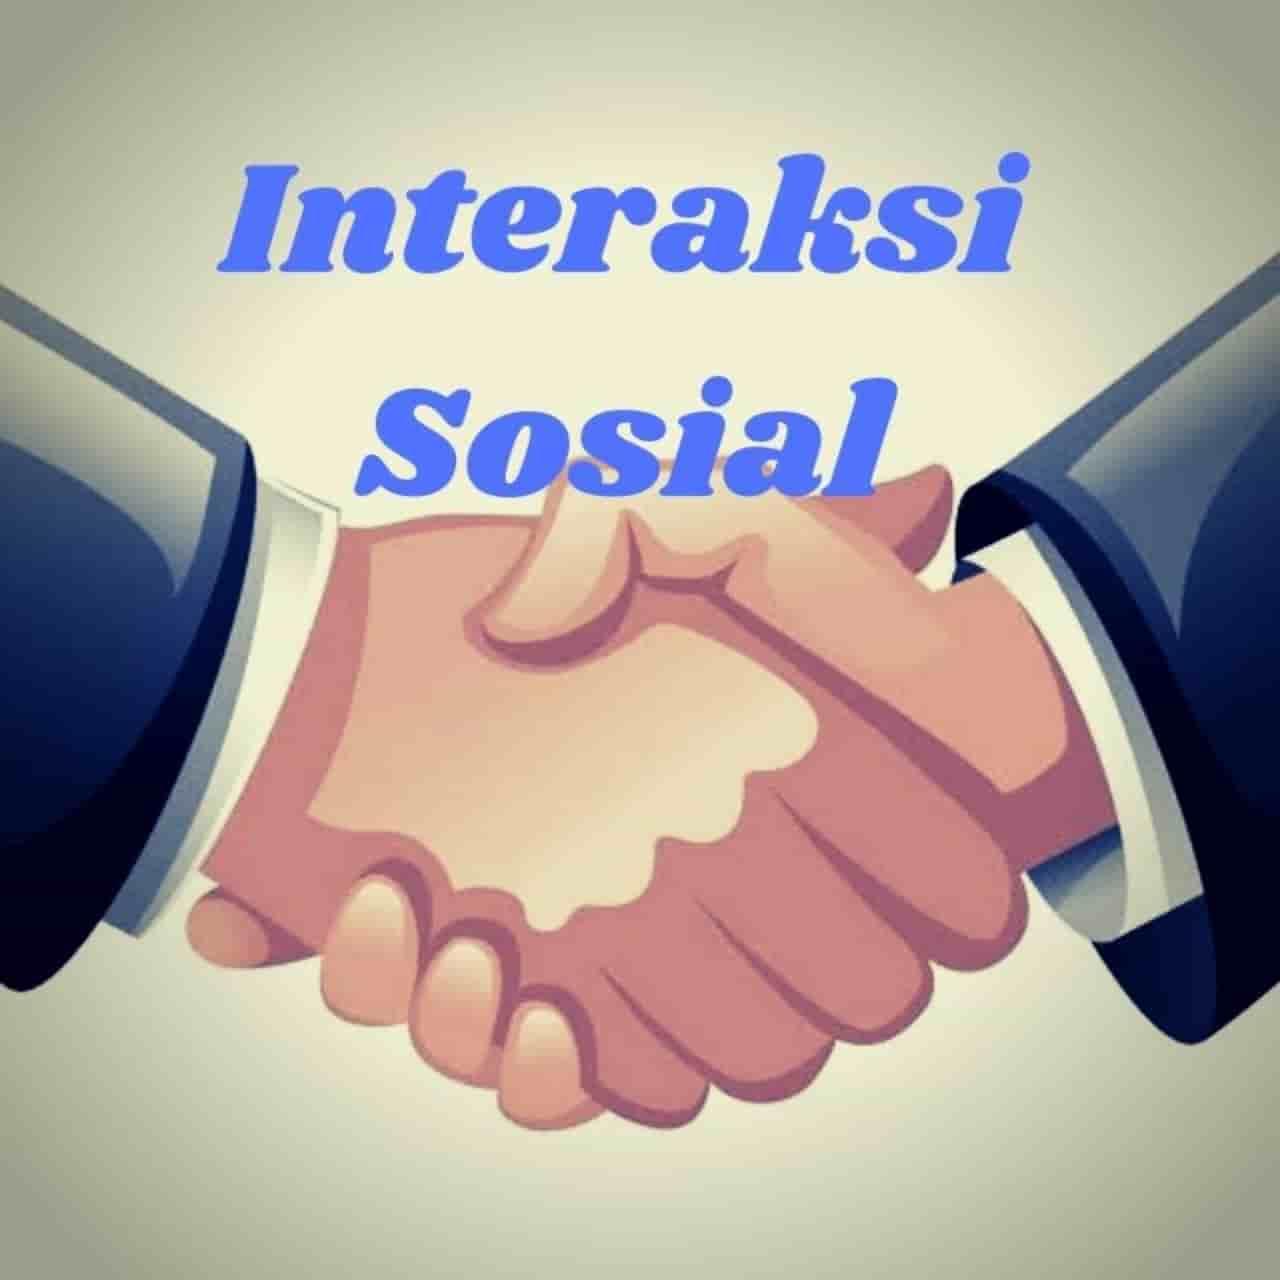 interaksi sosial copy 1280x1280 min